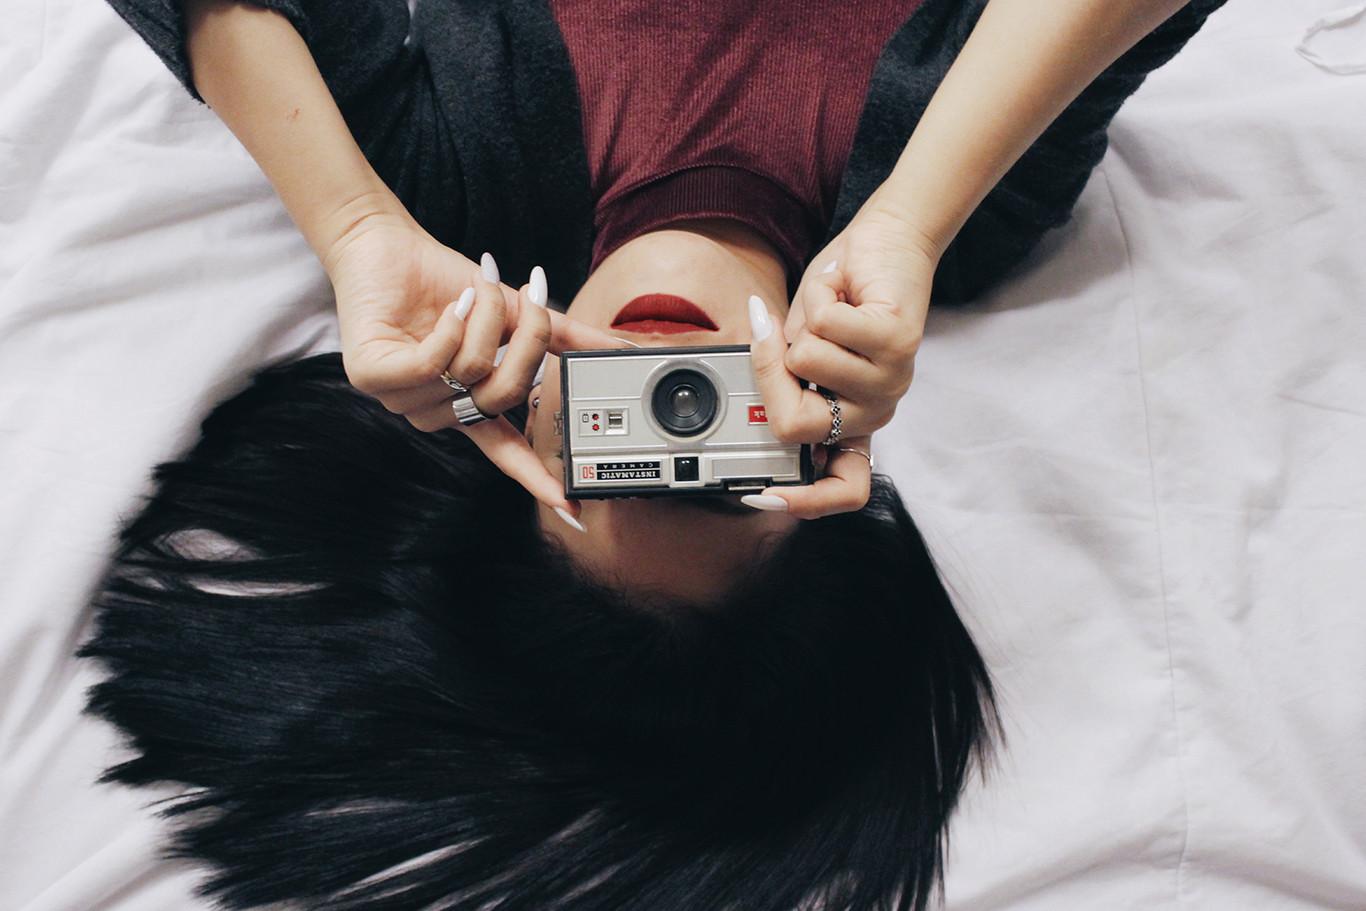 Estas son las cosas que debes practicar para hacer buenas fotos independientemente de la cámara que uses